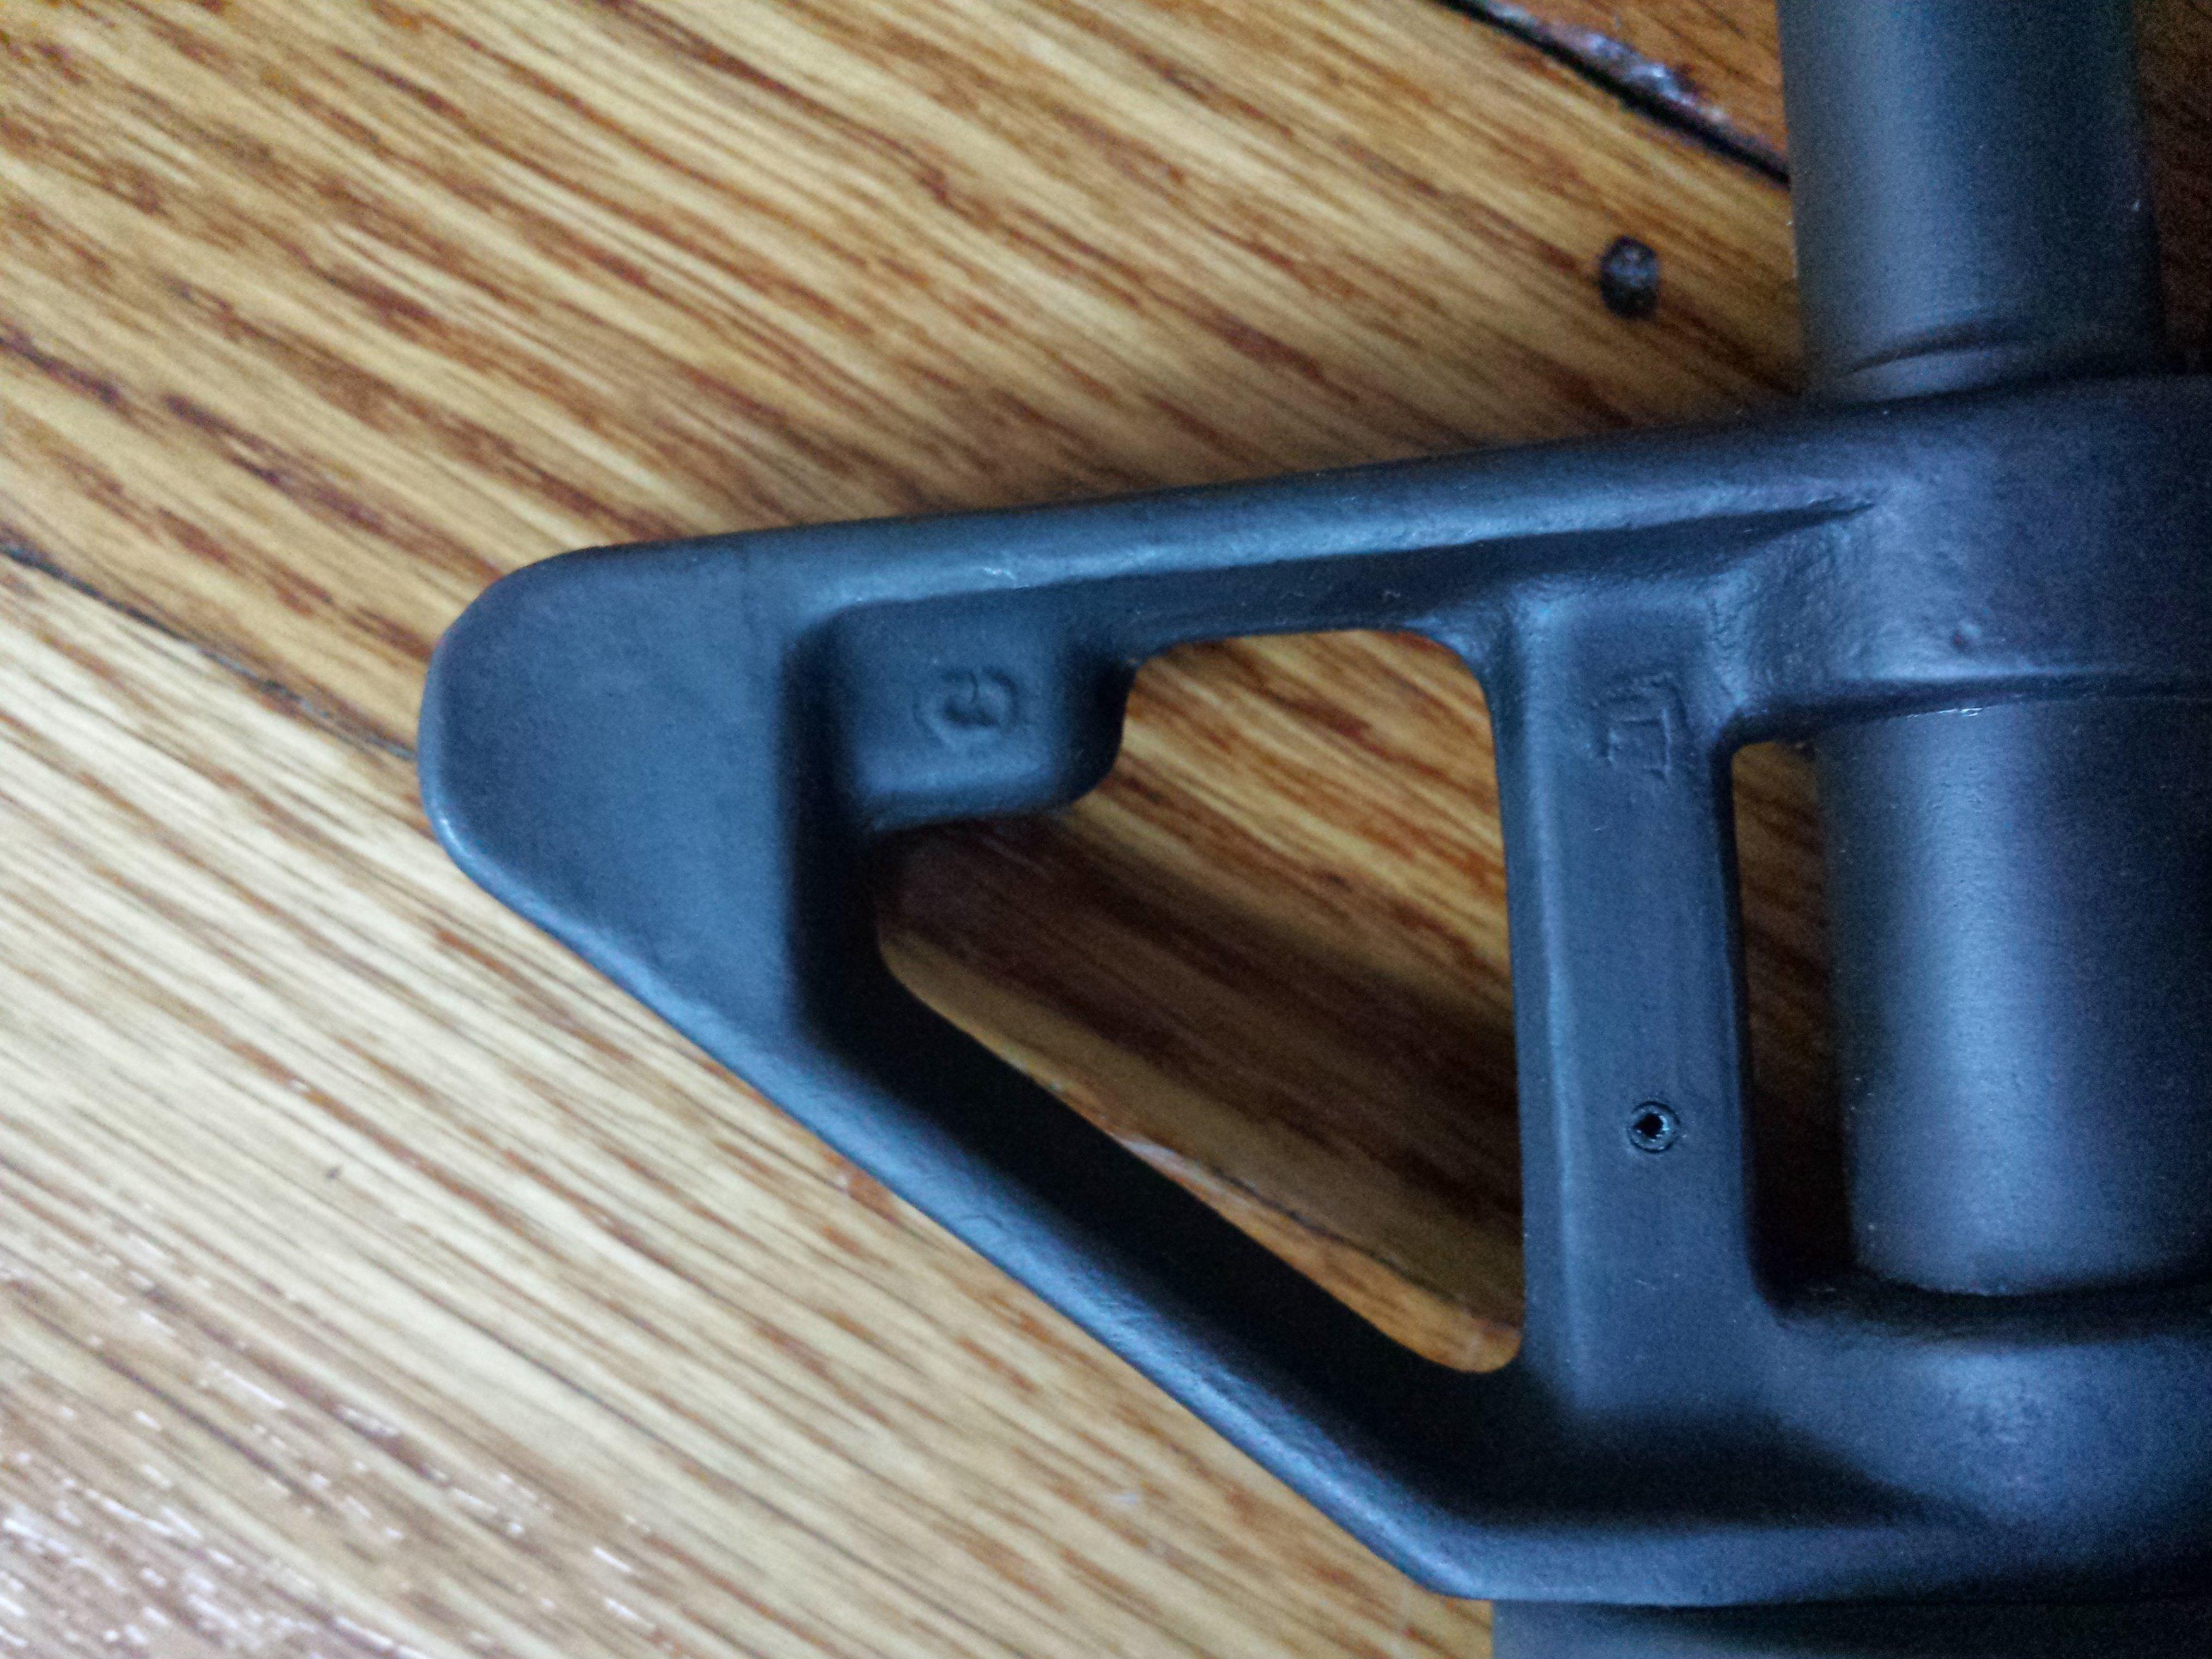 WTS Colt M16 A1 pencil barrel upper